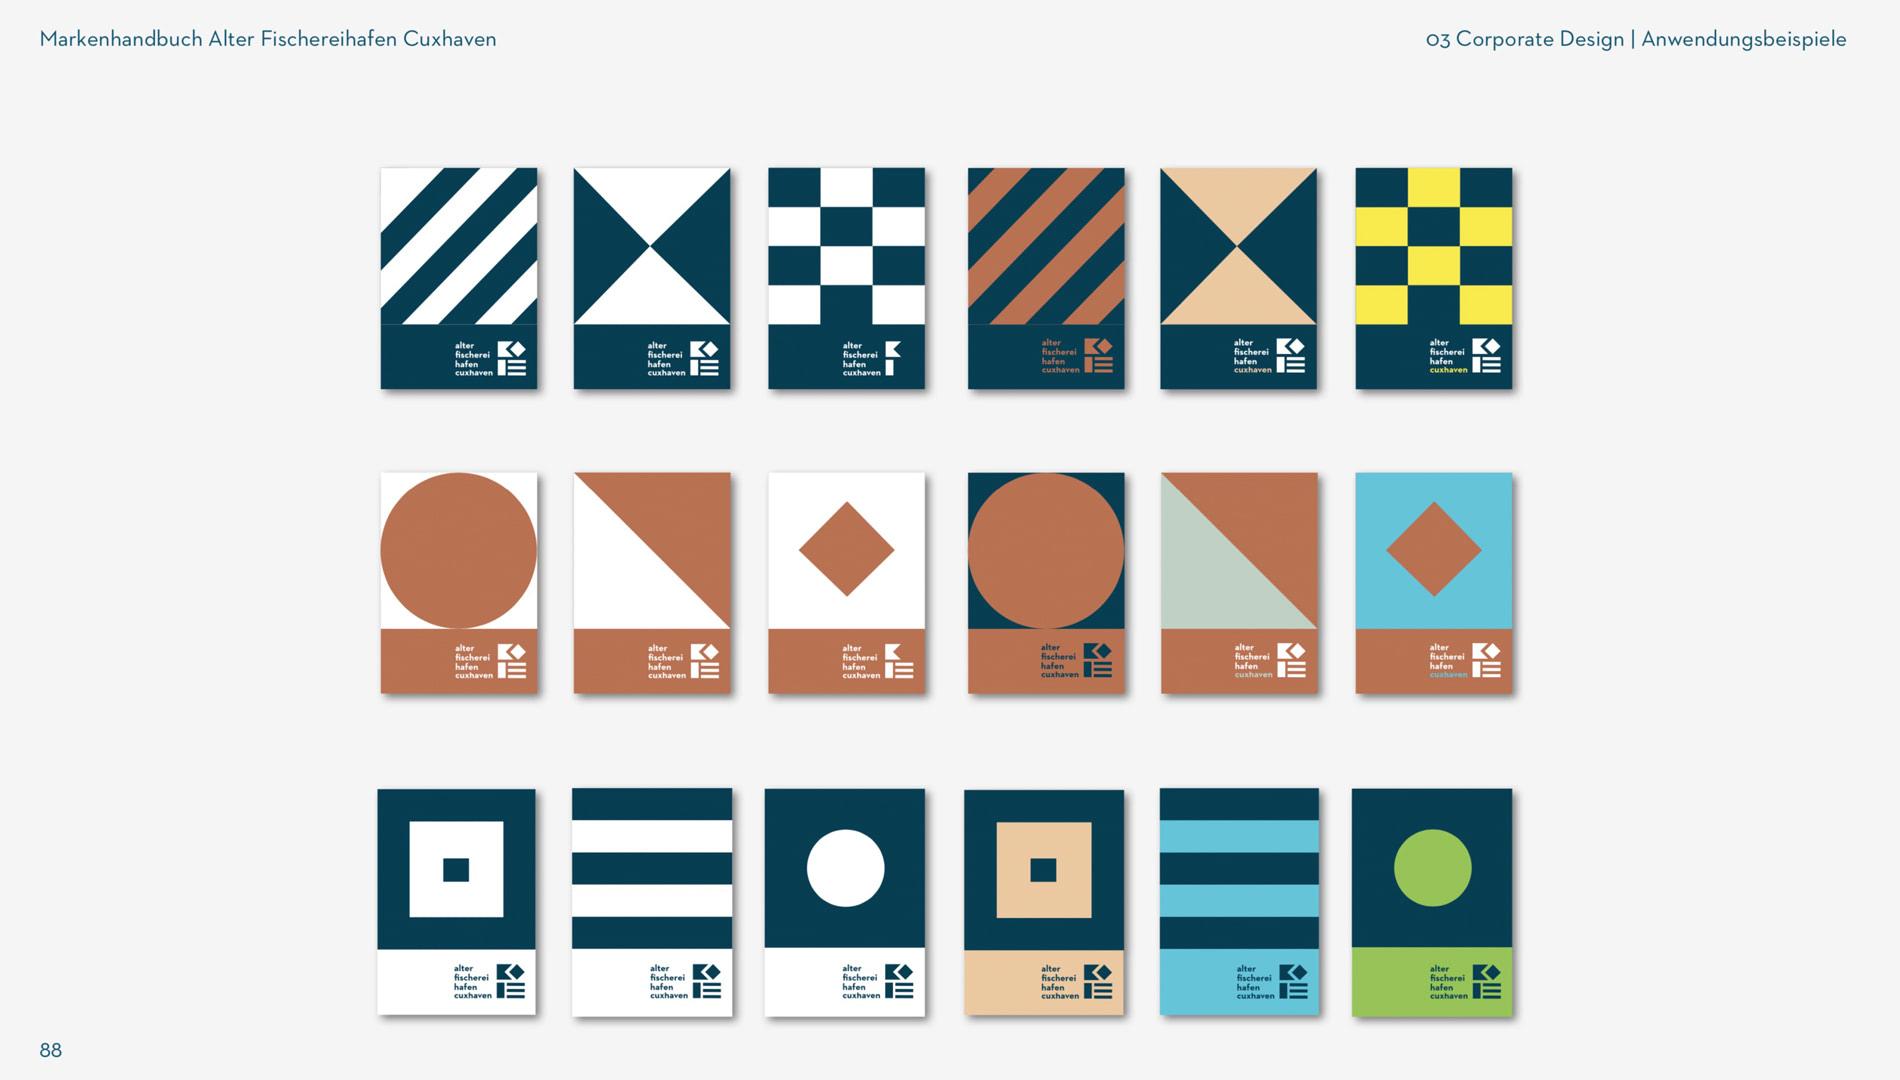 Markenentwicklung Corporate Design Alter Fischereihafen Cuxhaven Markenkonzept Markenhandbuch Going Places